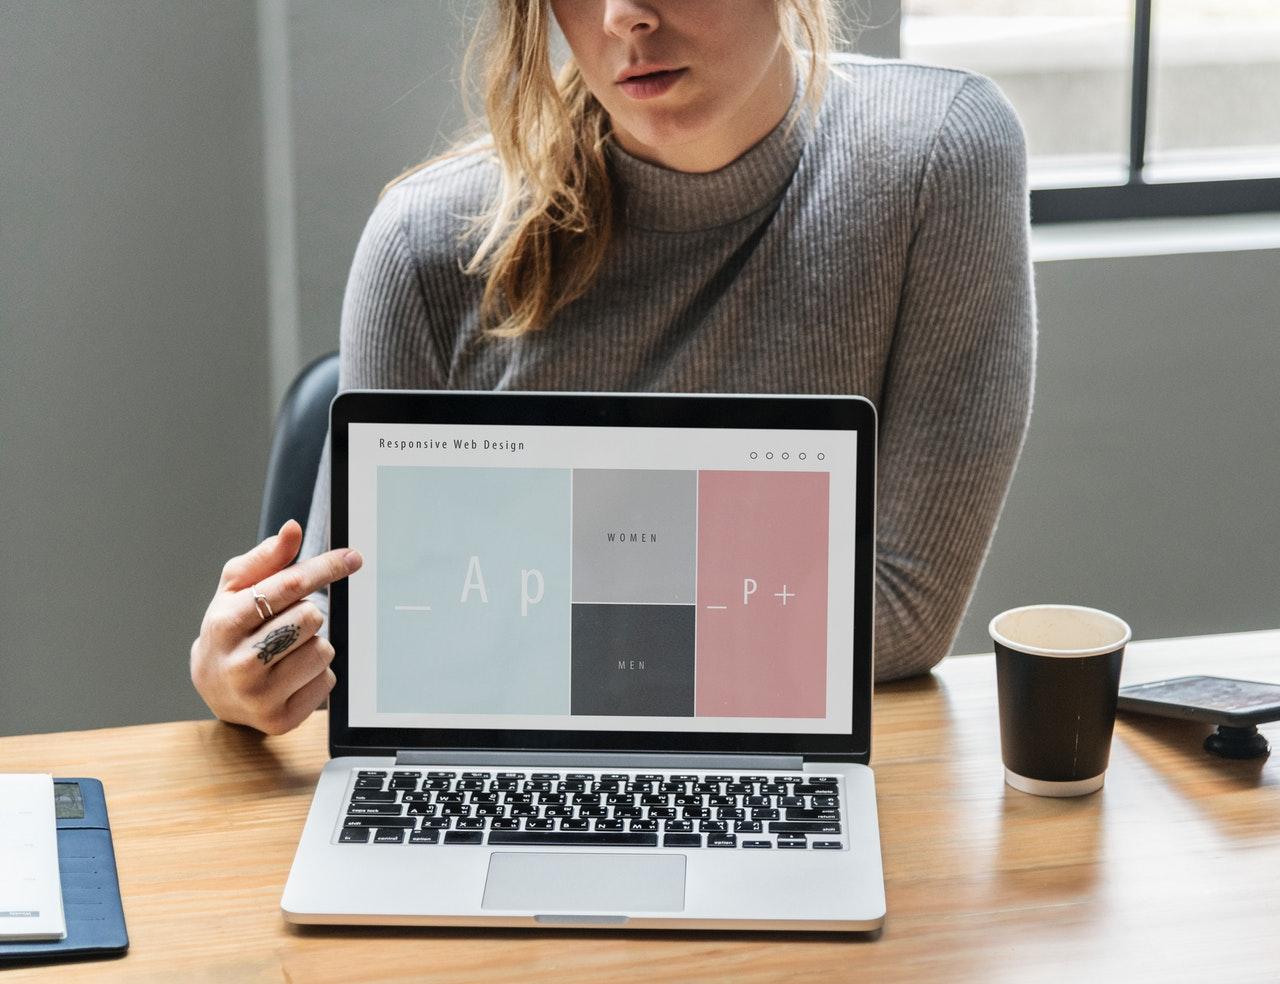 Cum-să-începi-un-startup-10-idei-faine-din-cartea-Startup-de-100_femeie-care-își-prezinta-startupul